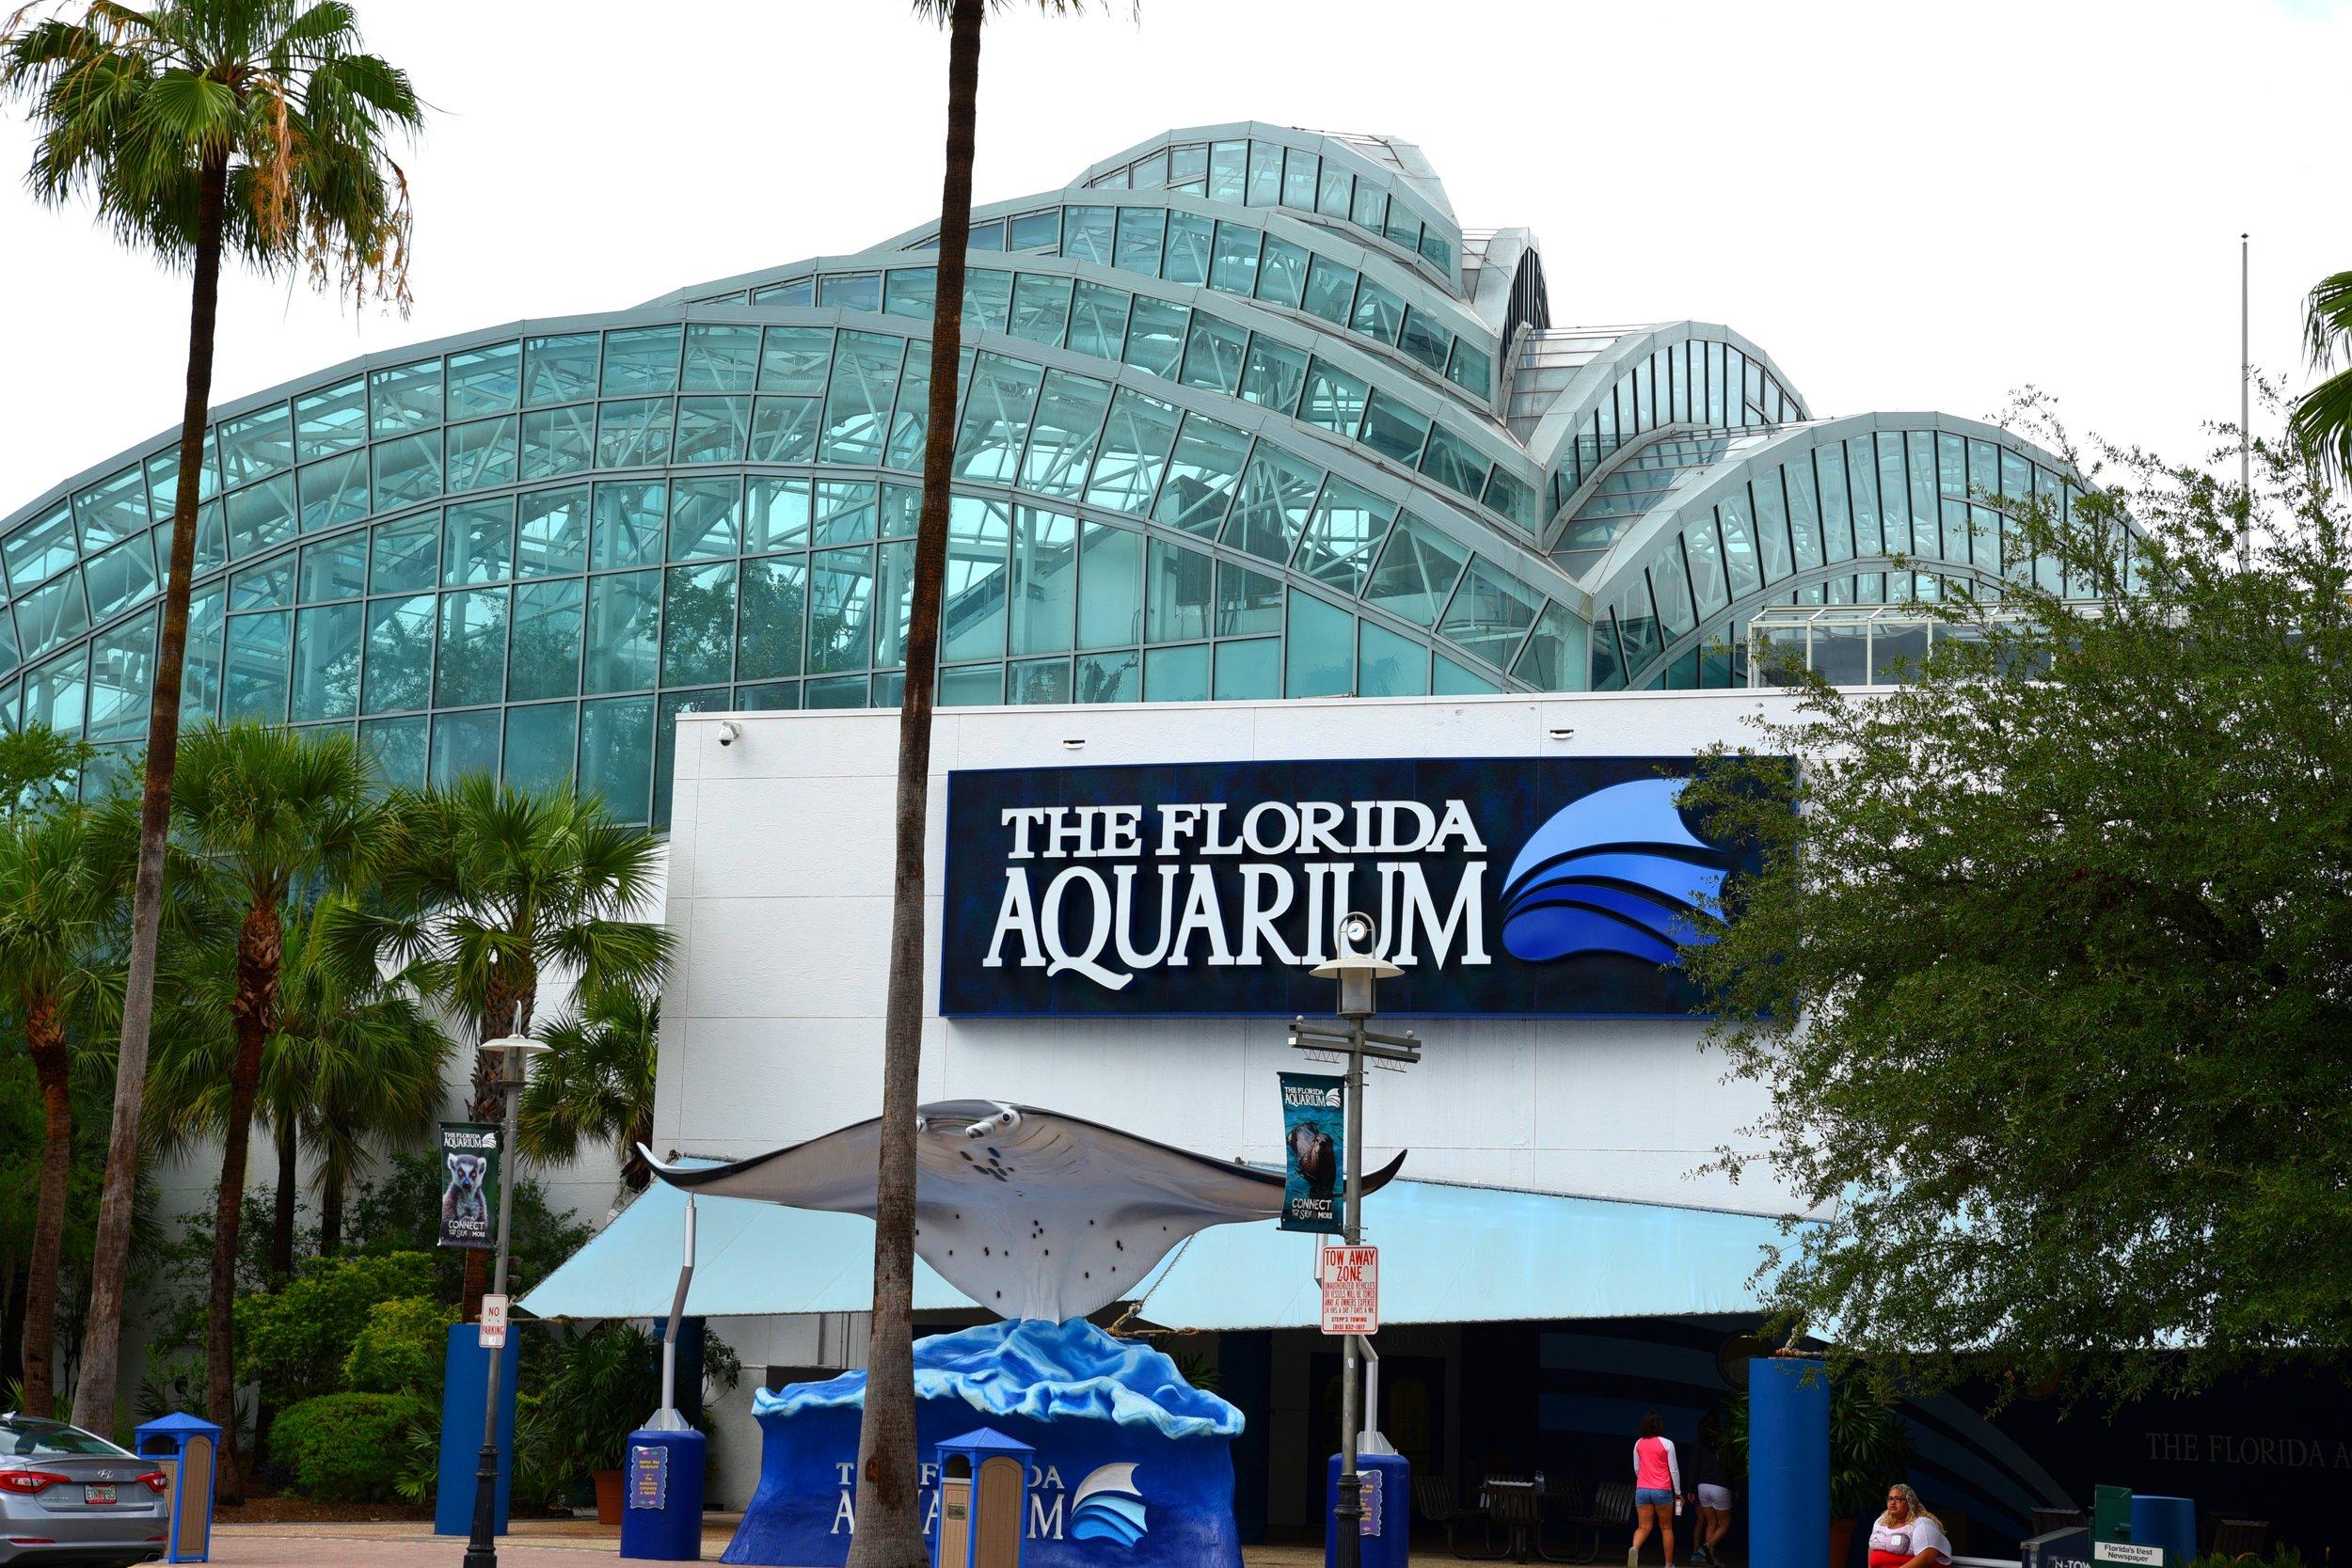 Florida Aquarium Building.jpg